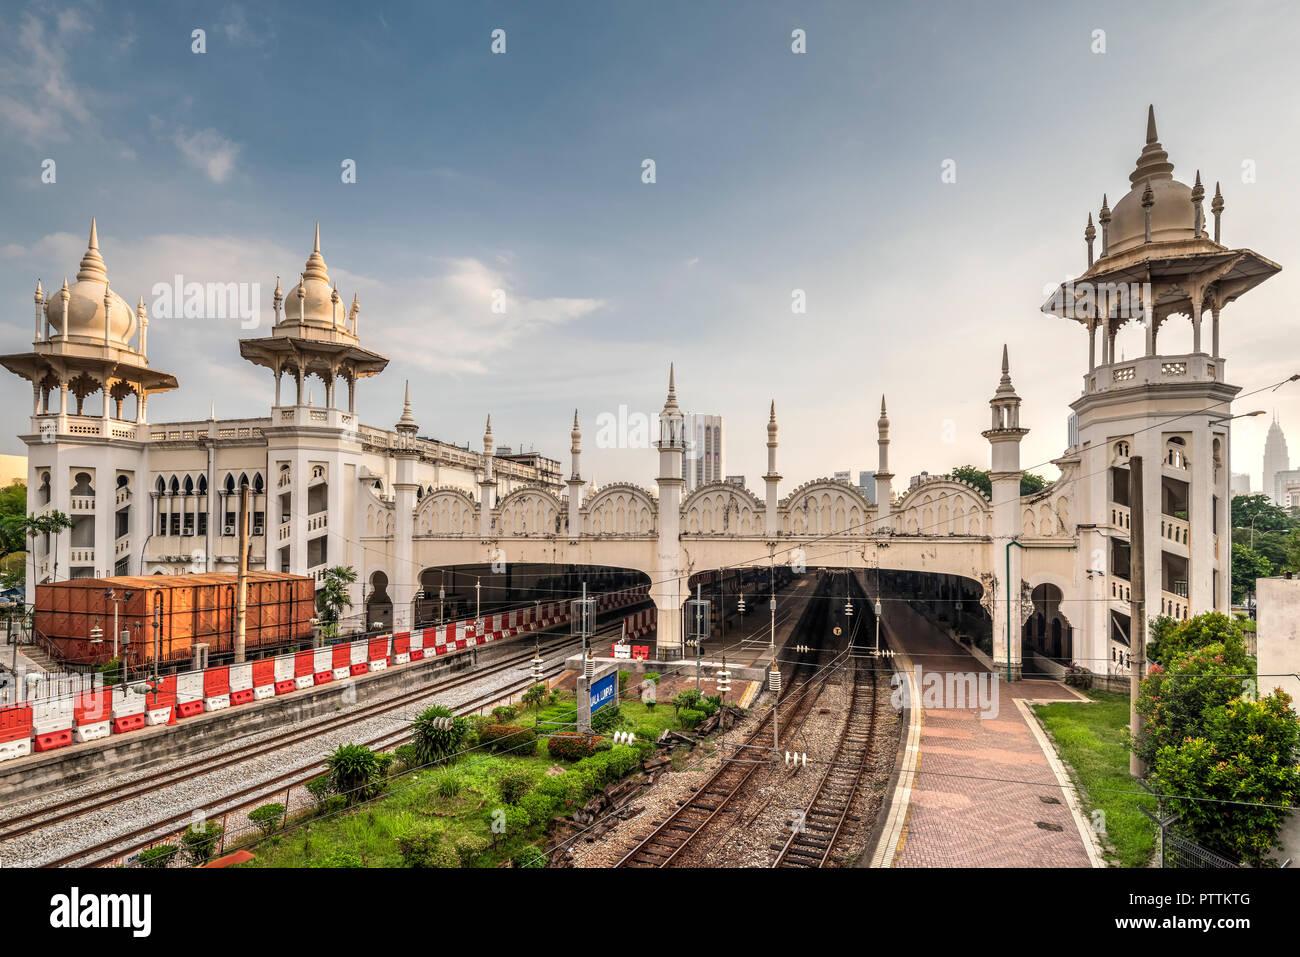 Estación de tren de Kuala Lumpur, Kuala Lumpur, Malasia Imagen De Stock